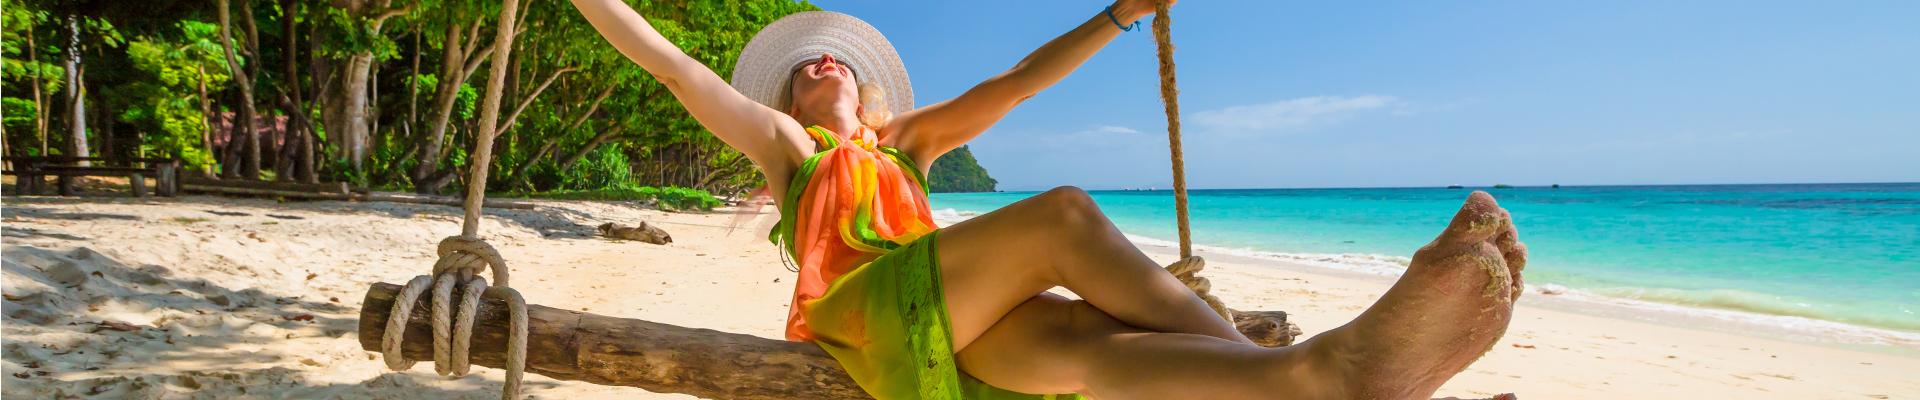 bigstock-Woman-swing-on-the-beach-117102596x